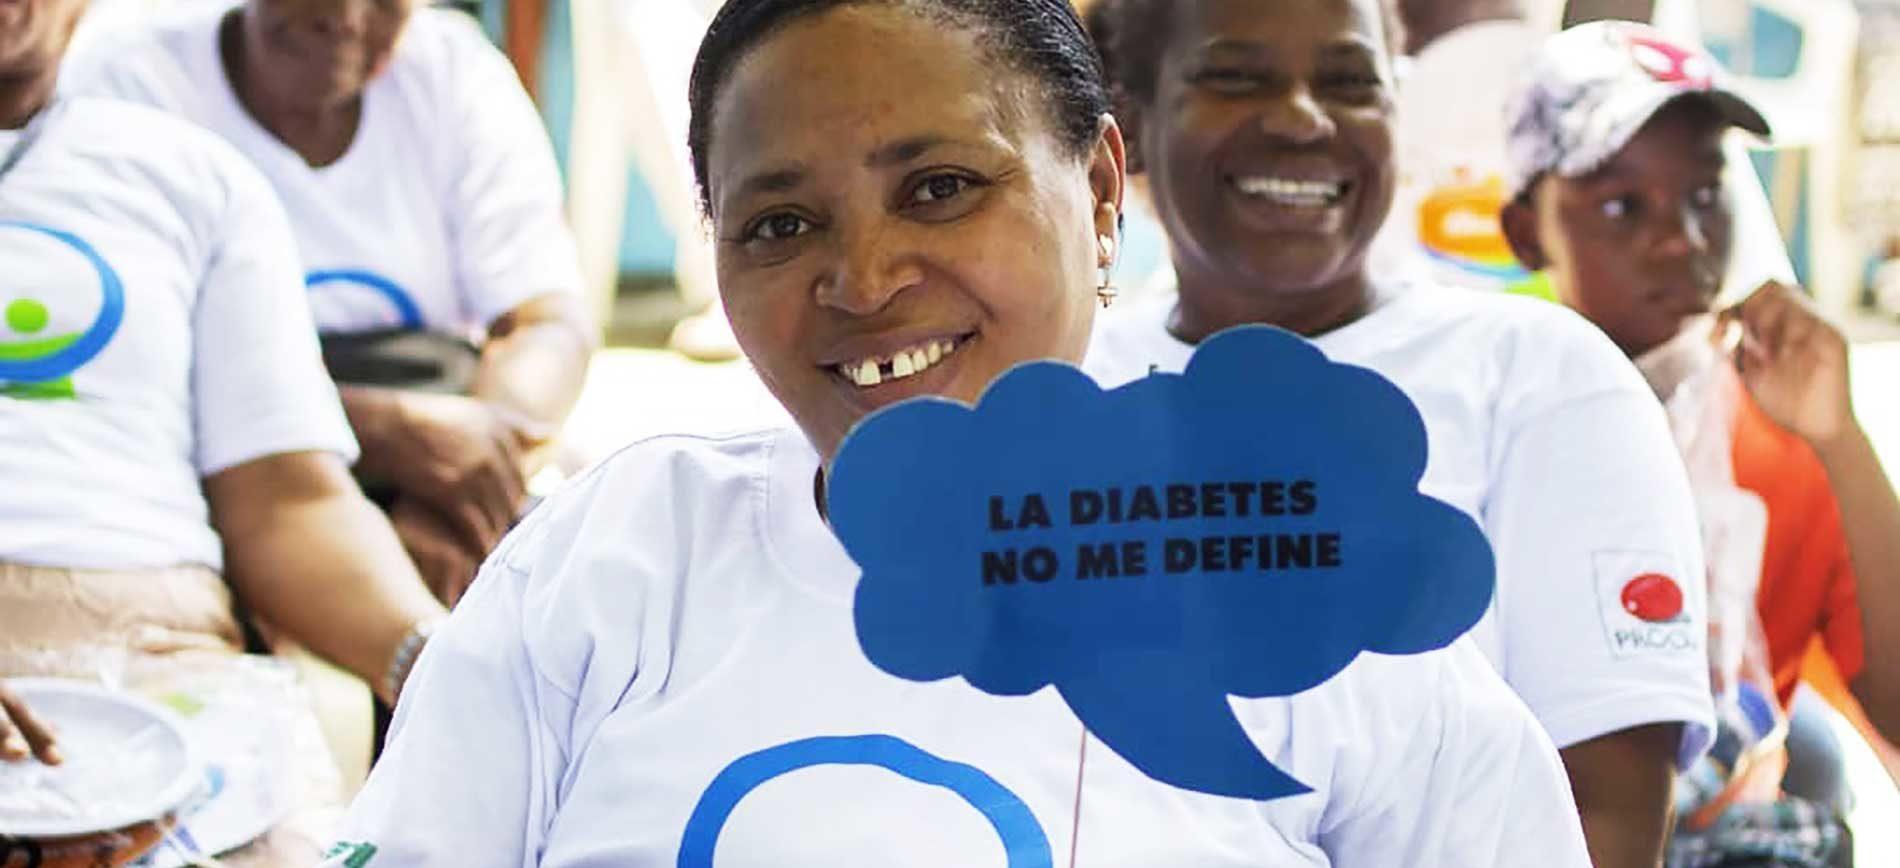 en programas comunitarios para la diabetes